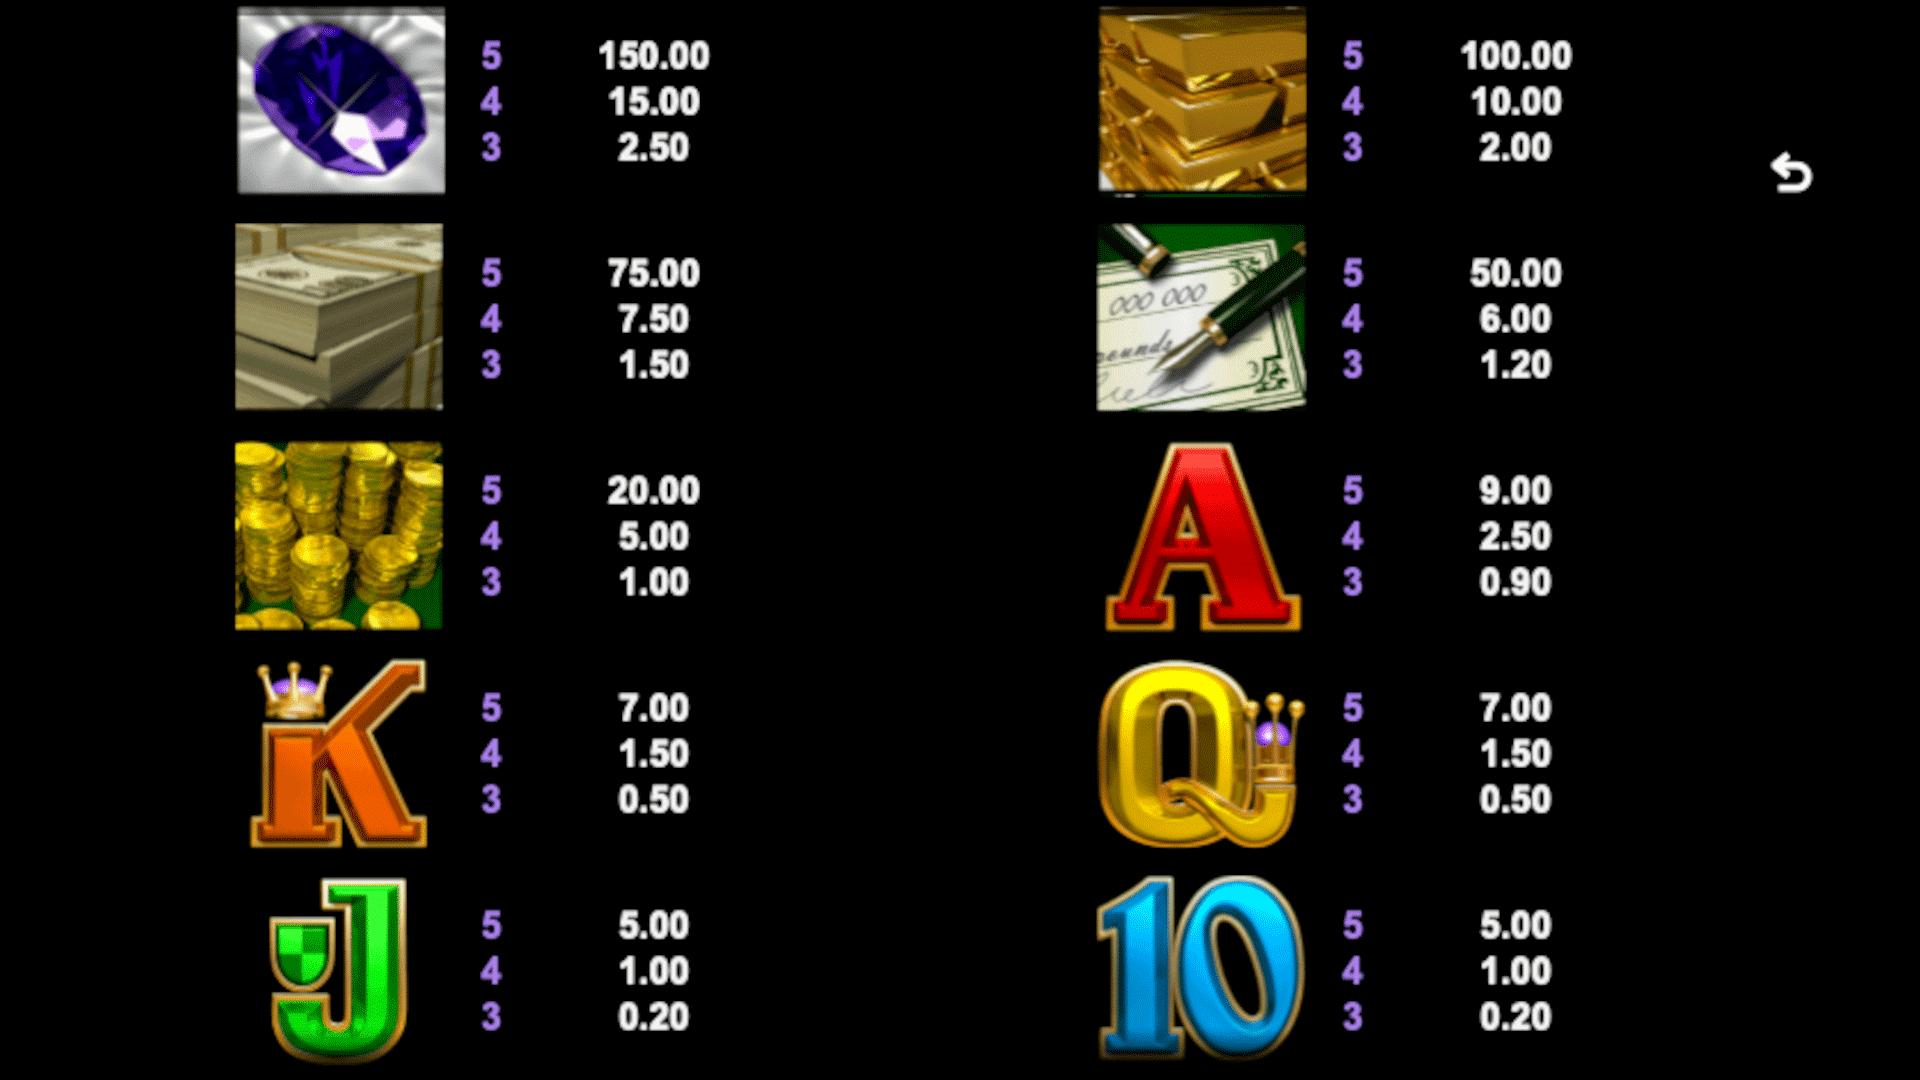 tabella dei pagamenti del gioco slot break da bank again online